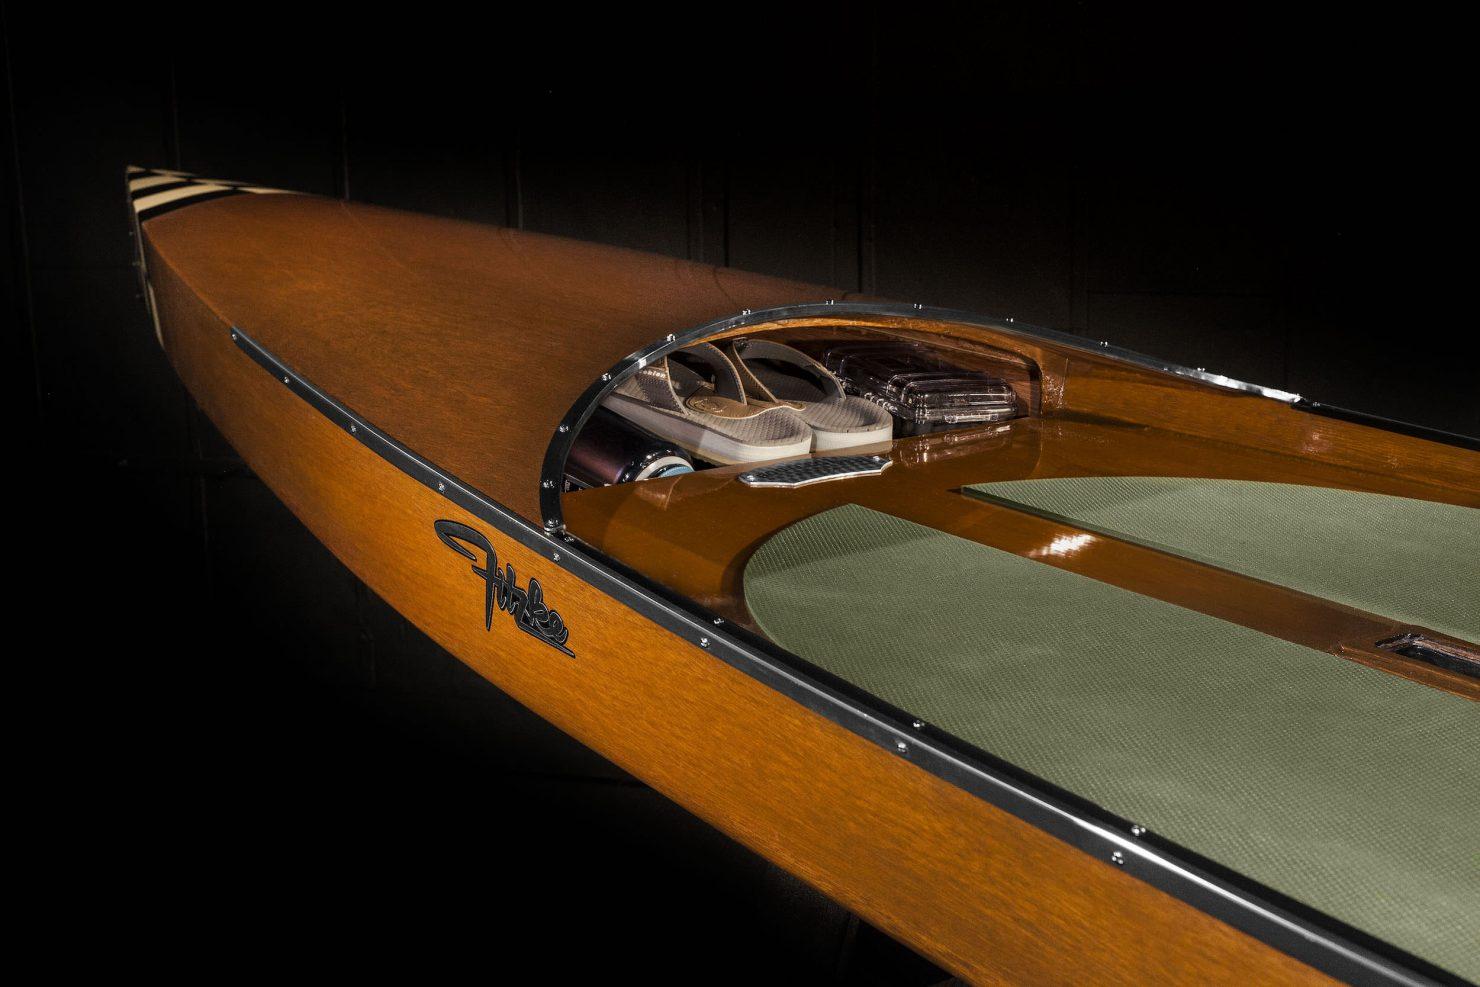 Fitzke Paddleboard 6 1480x987 - Bootlegger Fitzke Paddleboard